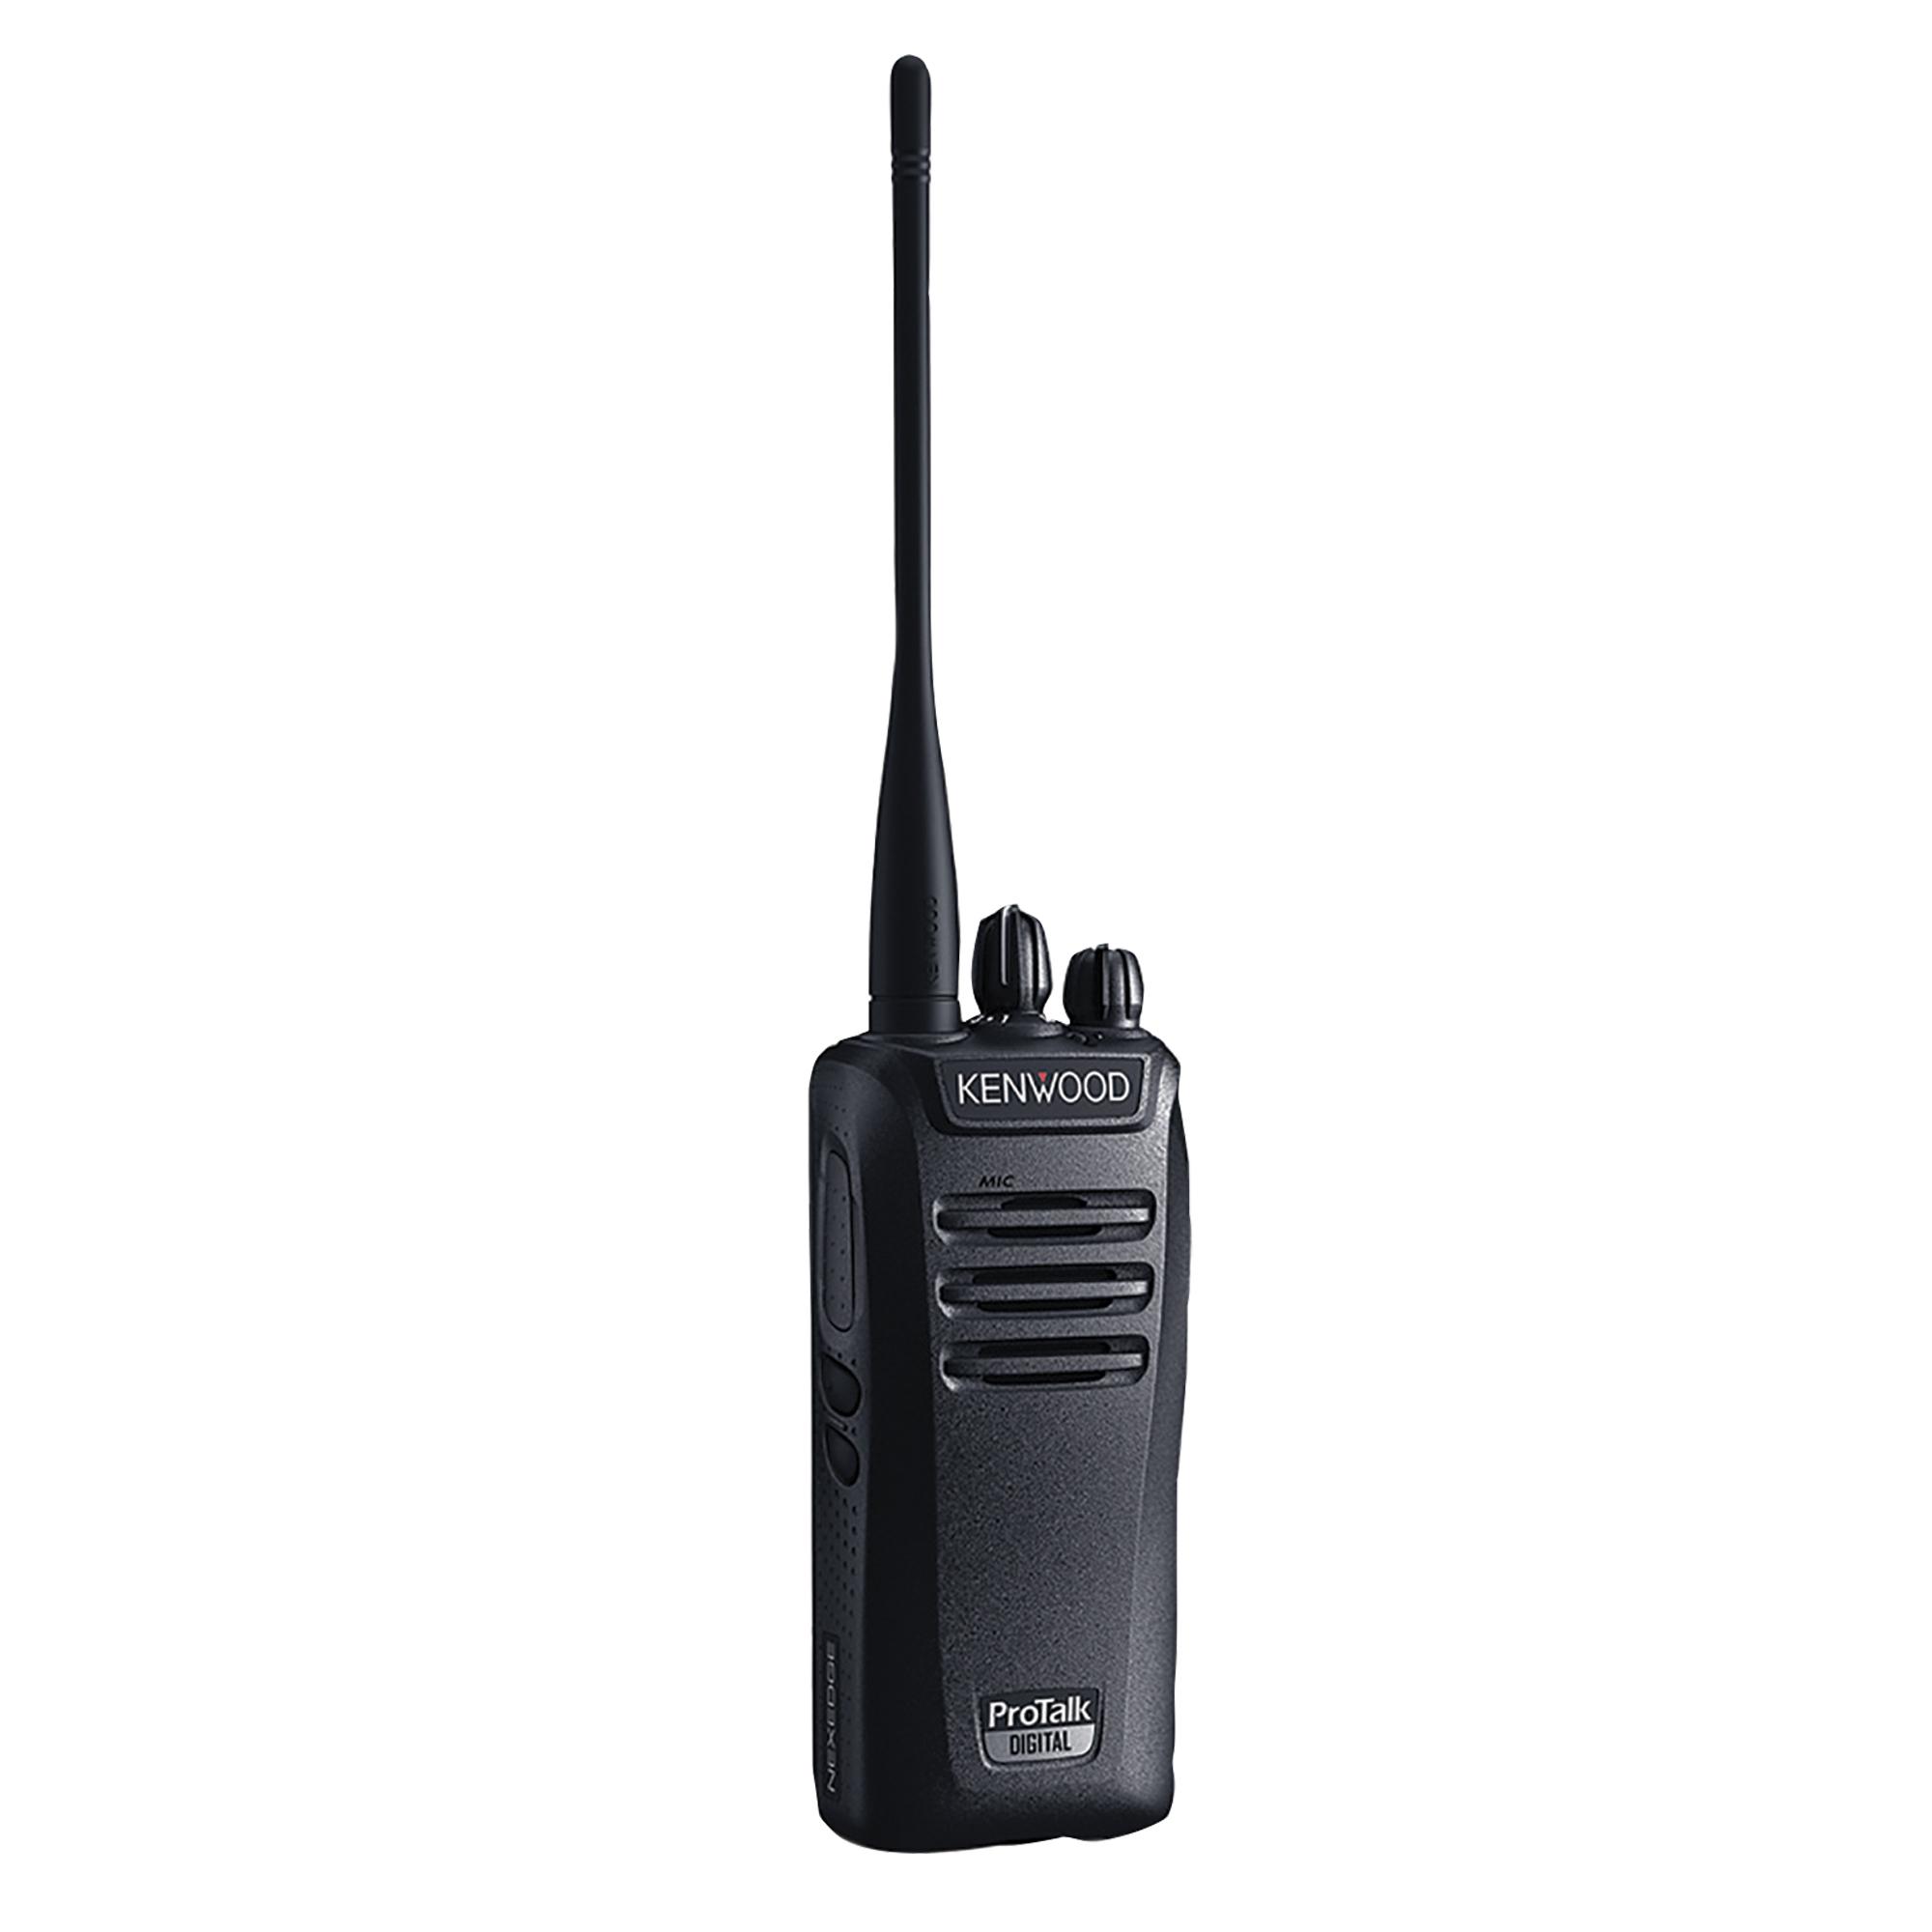 Portable Digital Radios & Accessories